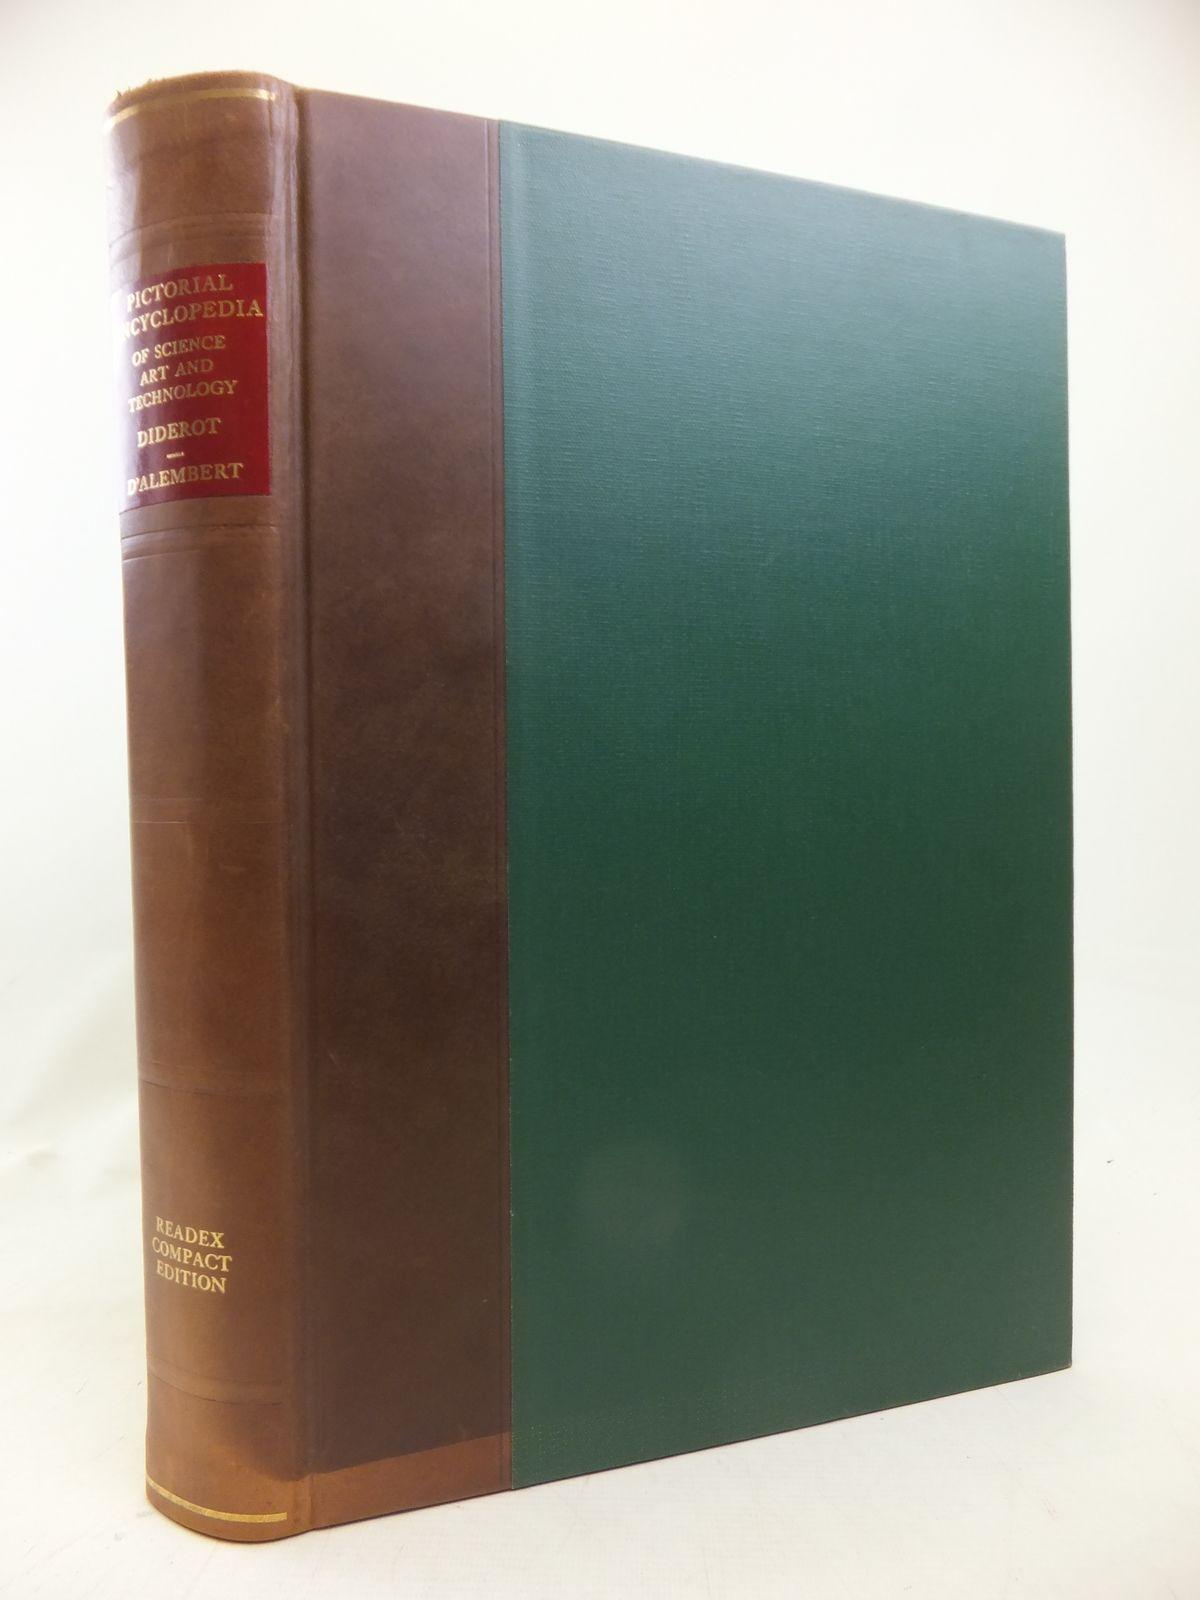 Photo of COMPACT EDITION: RECUEIL DE PLANCHES, SUR LES SCIENCES, LES ARTS LIBERAUX, ET LES ARTS MECHANIQUES, AVEC LEUR EXPLICATION TOMES XVIII-XXVIII, SUITE published by Readex Microprint Corporation (STOCK CODE: 1809816)  for sale by Stella & Rose's Books